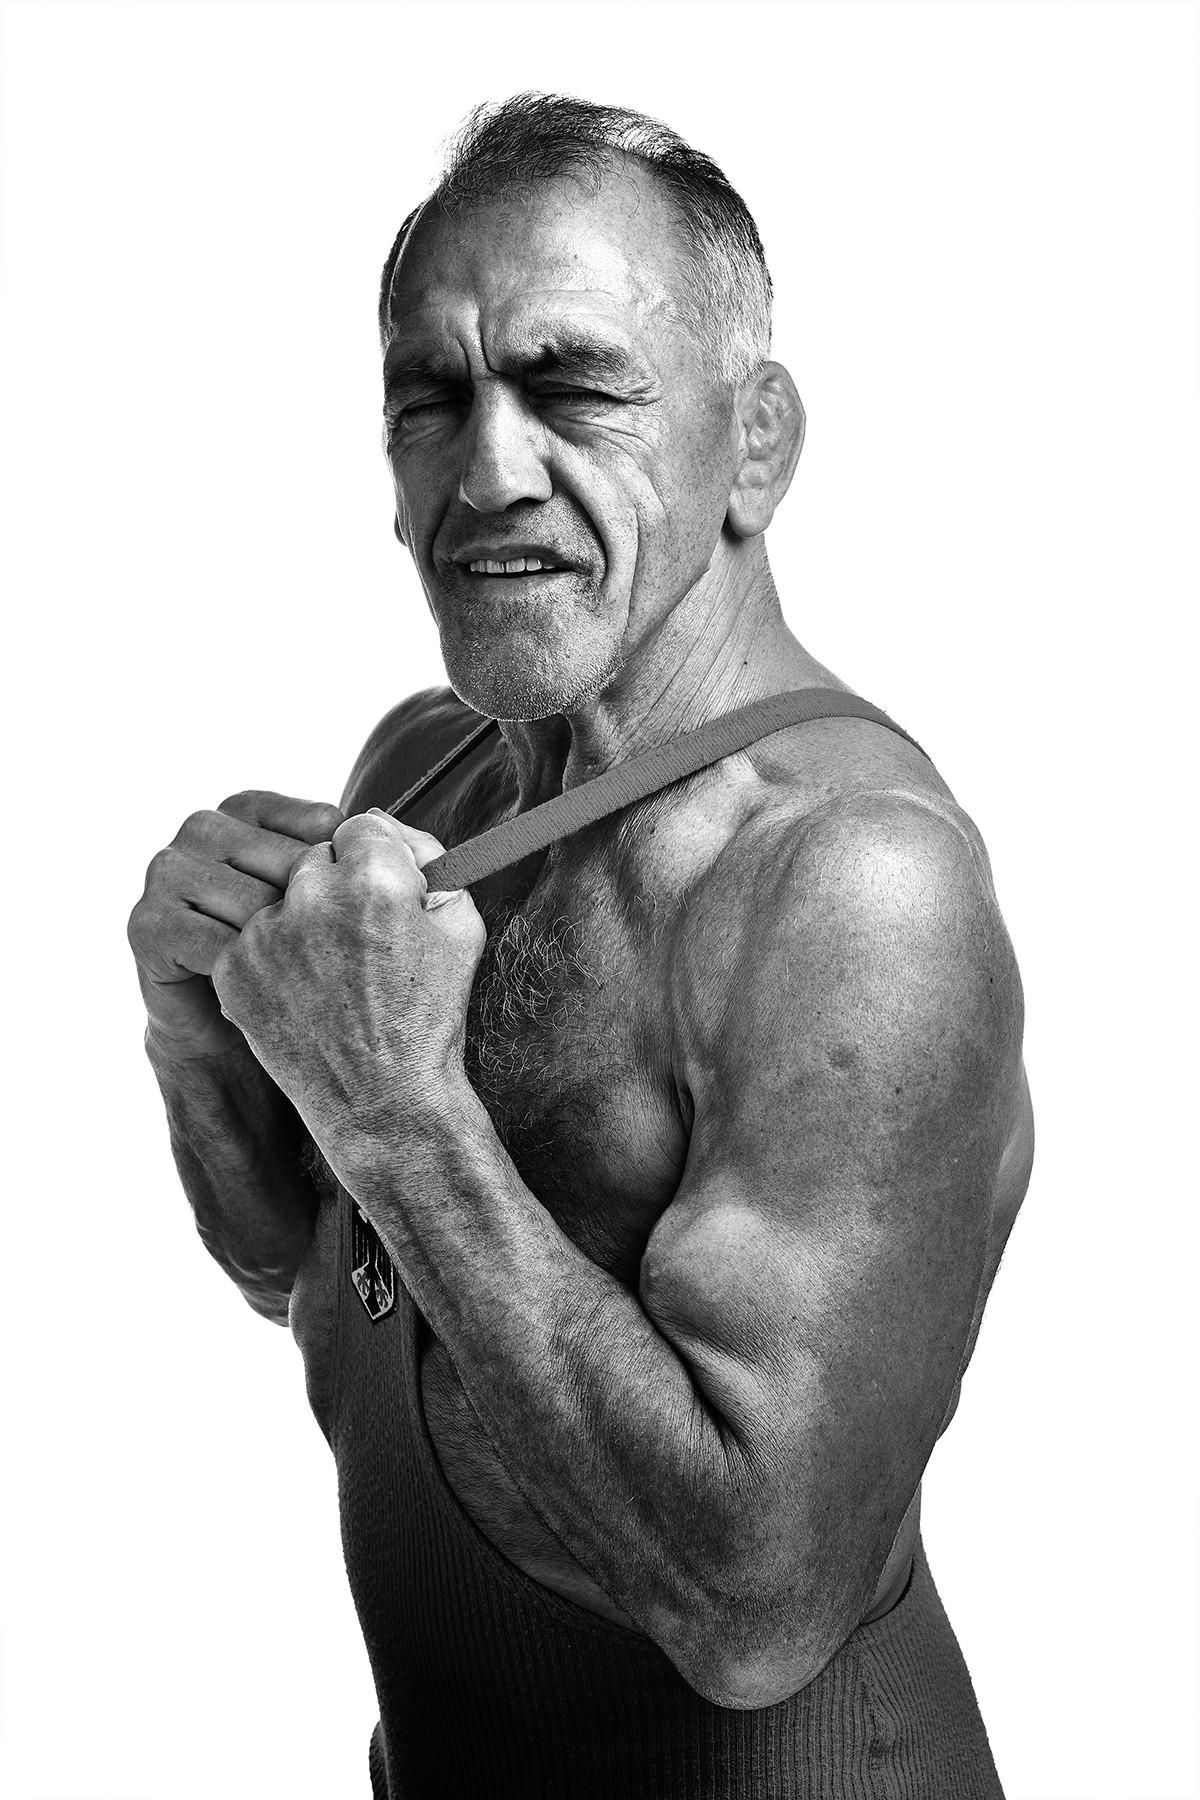 Adolf Seger Wrestler Ringer olympischer Medaillen gewinner Pokale Gewinner Sieger Sport Nahkampf Rekord Deutsch Deutschland Portrait Studio Schwarz und weiß Kontrast Werbefotograf Werbung Fotografie Foto Fotograf Auftragsfotograf Auftragsfotografie Philipp Löffler Loeffler - München